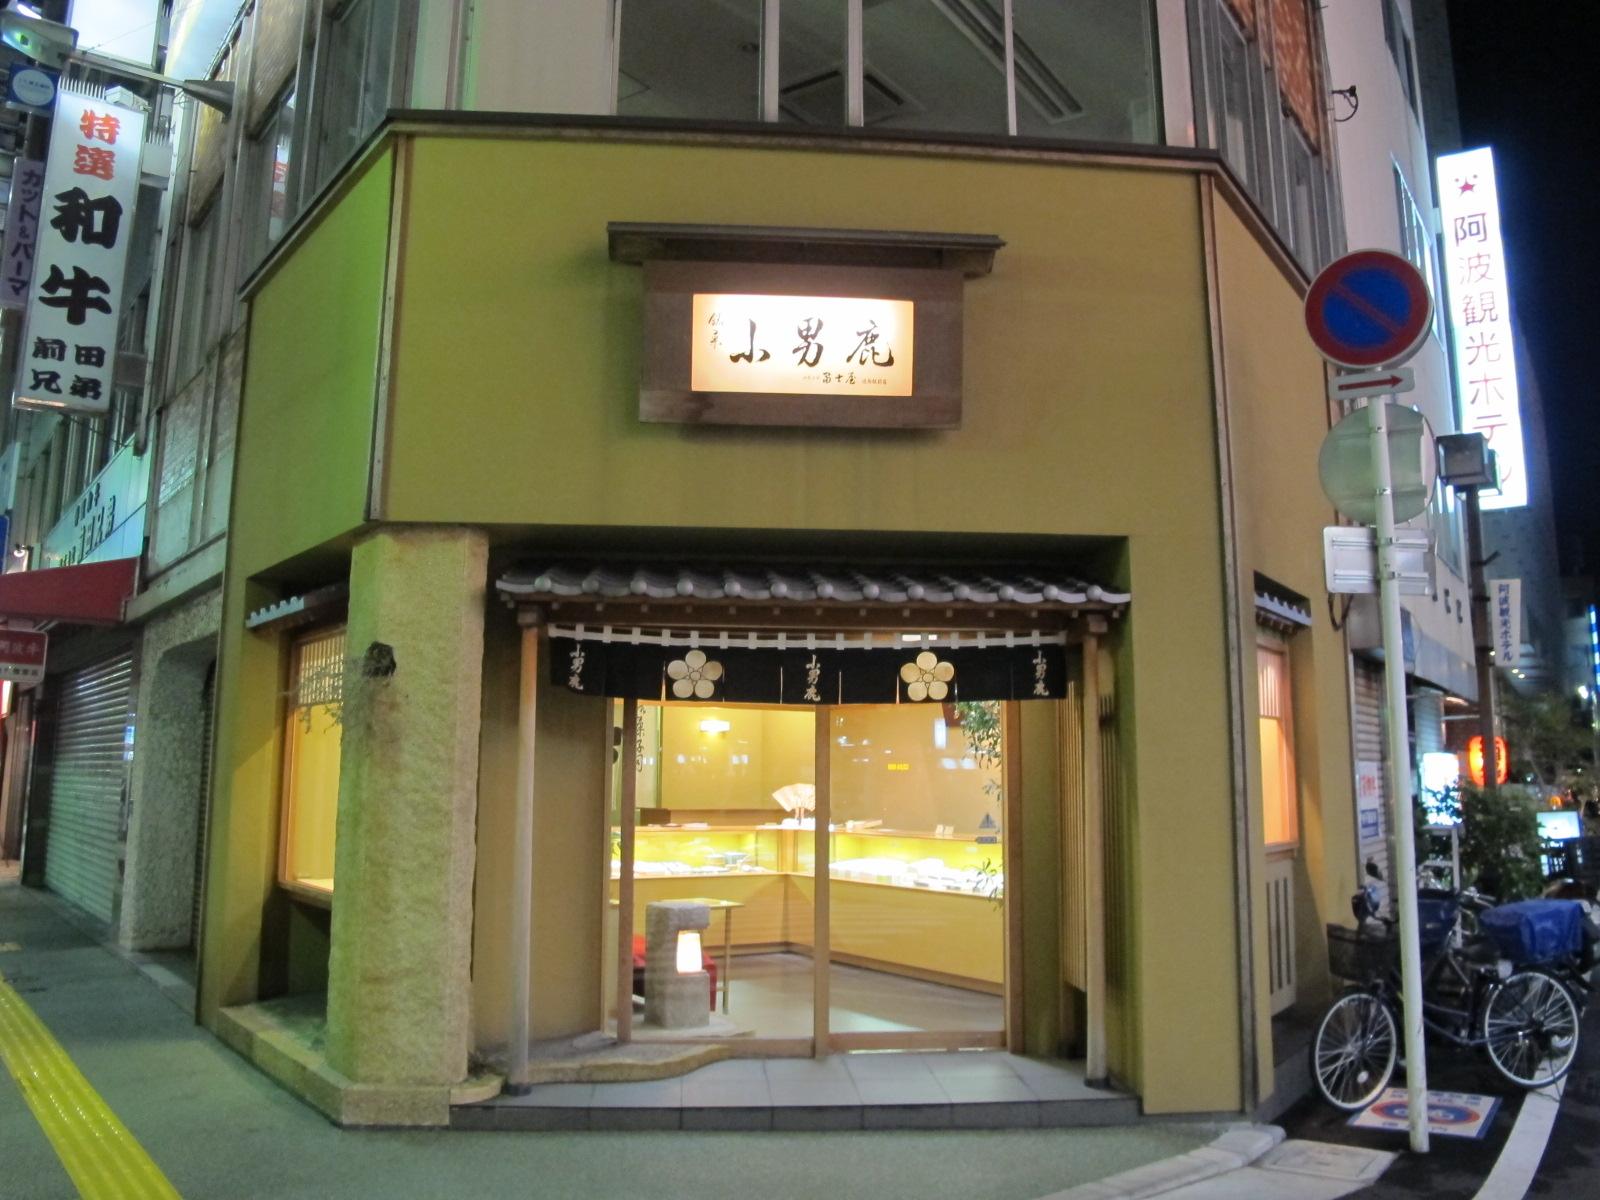 小男鹿本舗 冨士屋 徳島駅前店